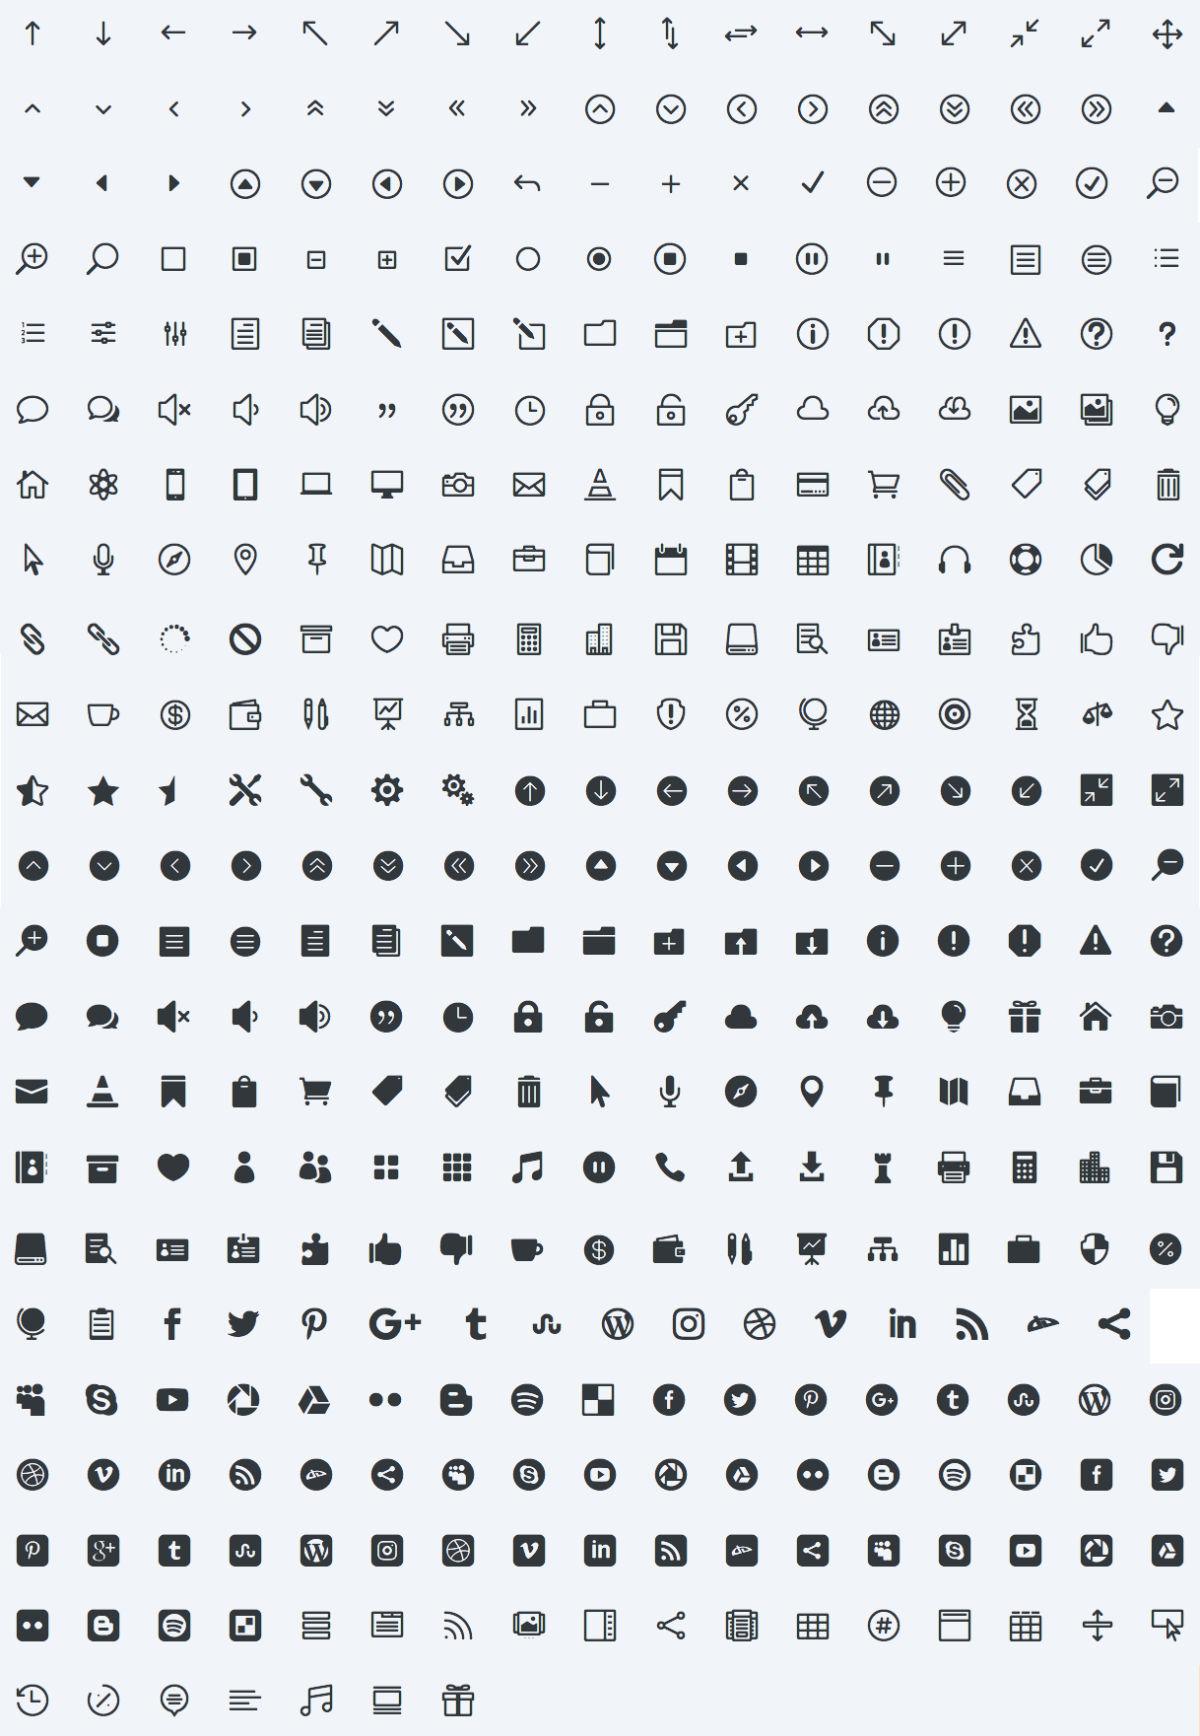 Plus adapté Comment ajouter 300 icônes supplémentaires dans Divi, gratuitement ? BK-65